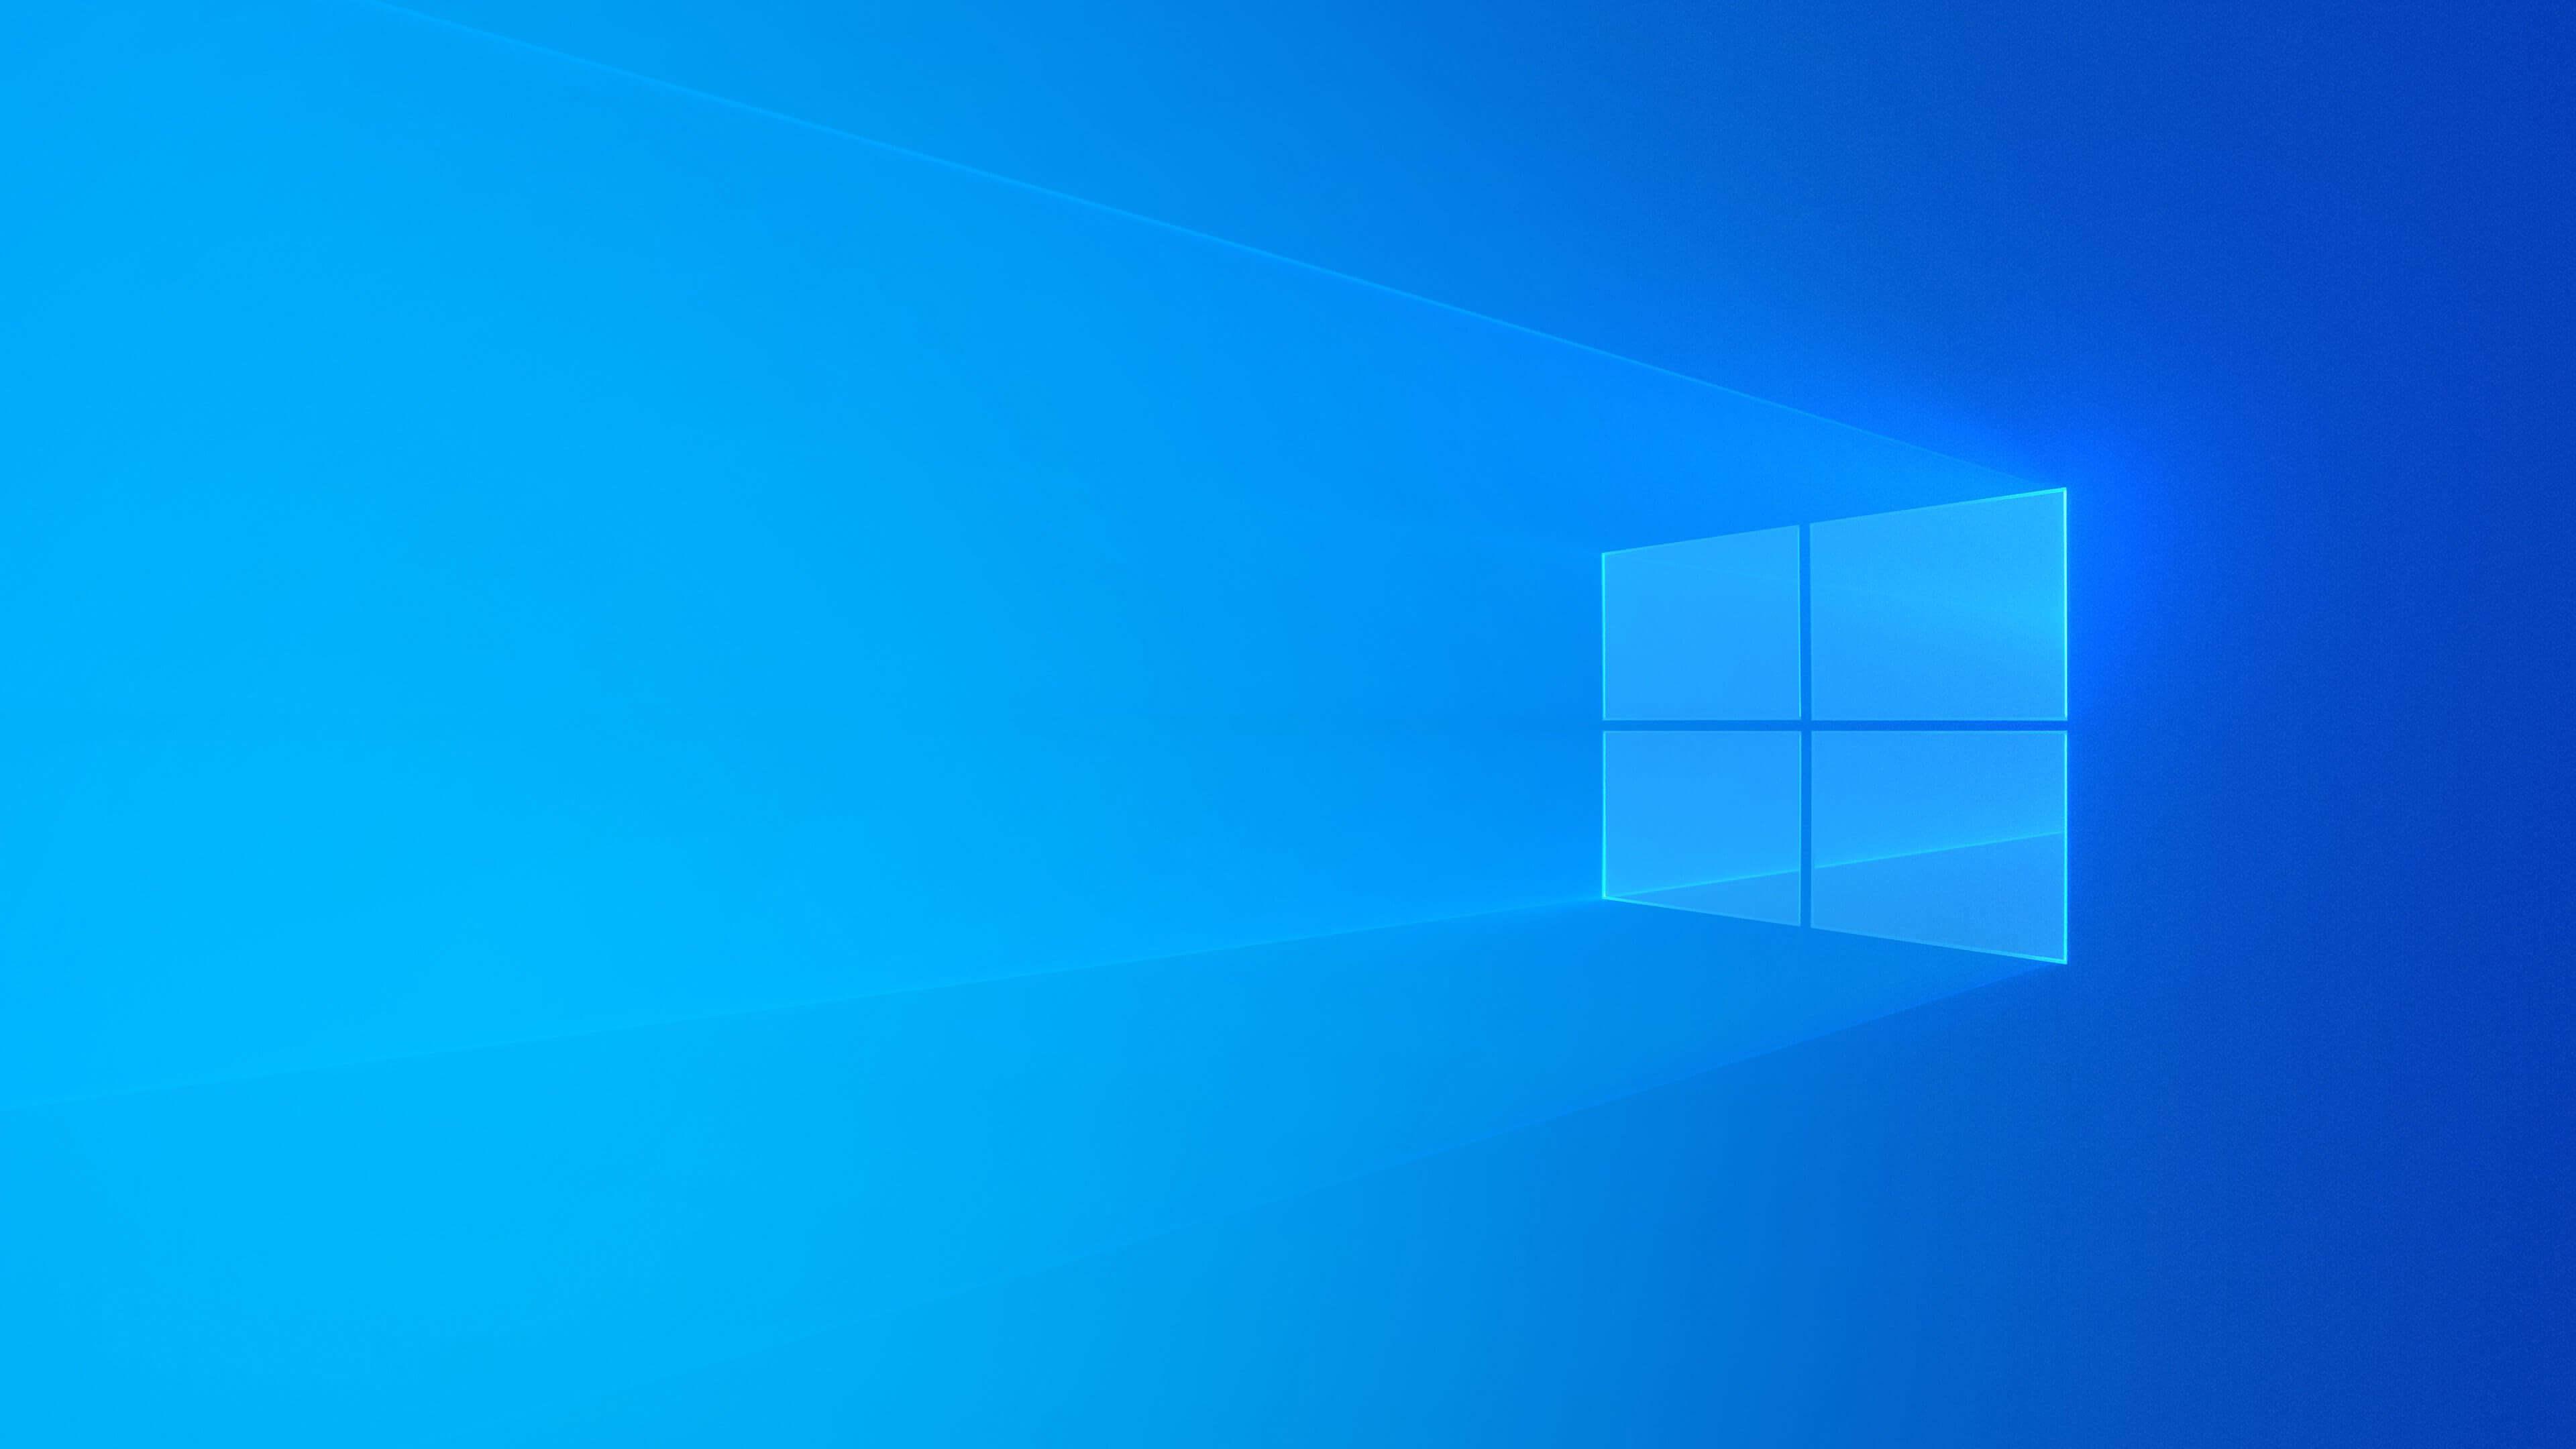 Windows 10 Light Theme Default 4k Ultra HD Wallpaper ...